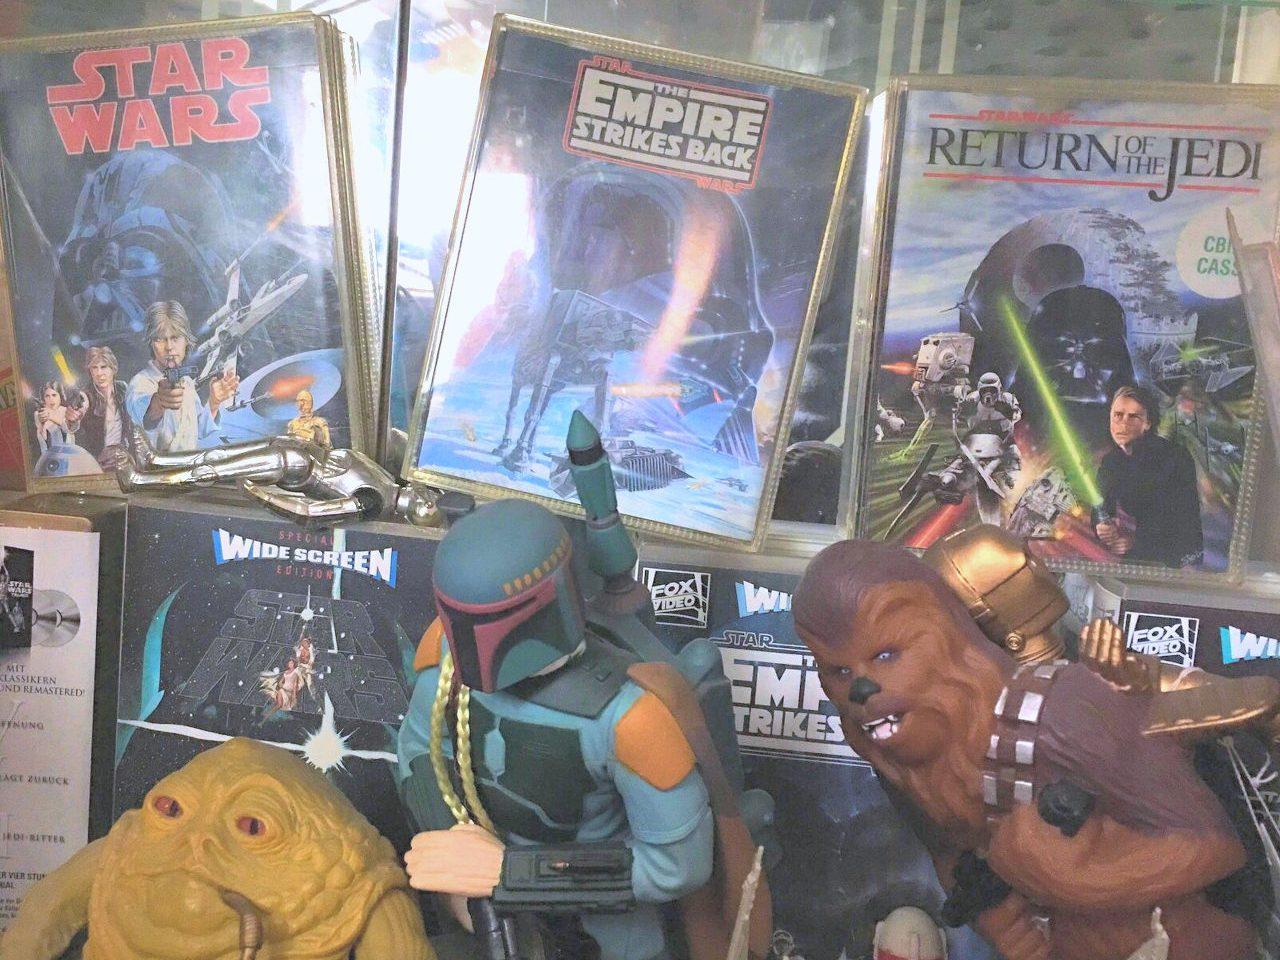 Star Wars Merchandising so weit das Auge reicht. (Bild: Andreas Wanda)